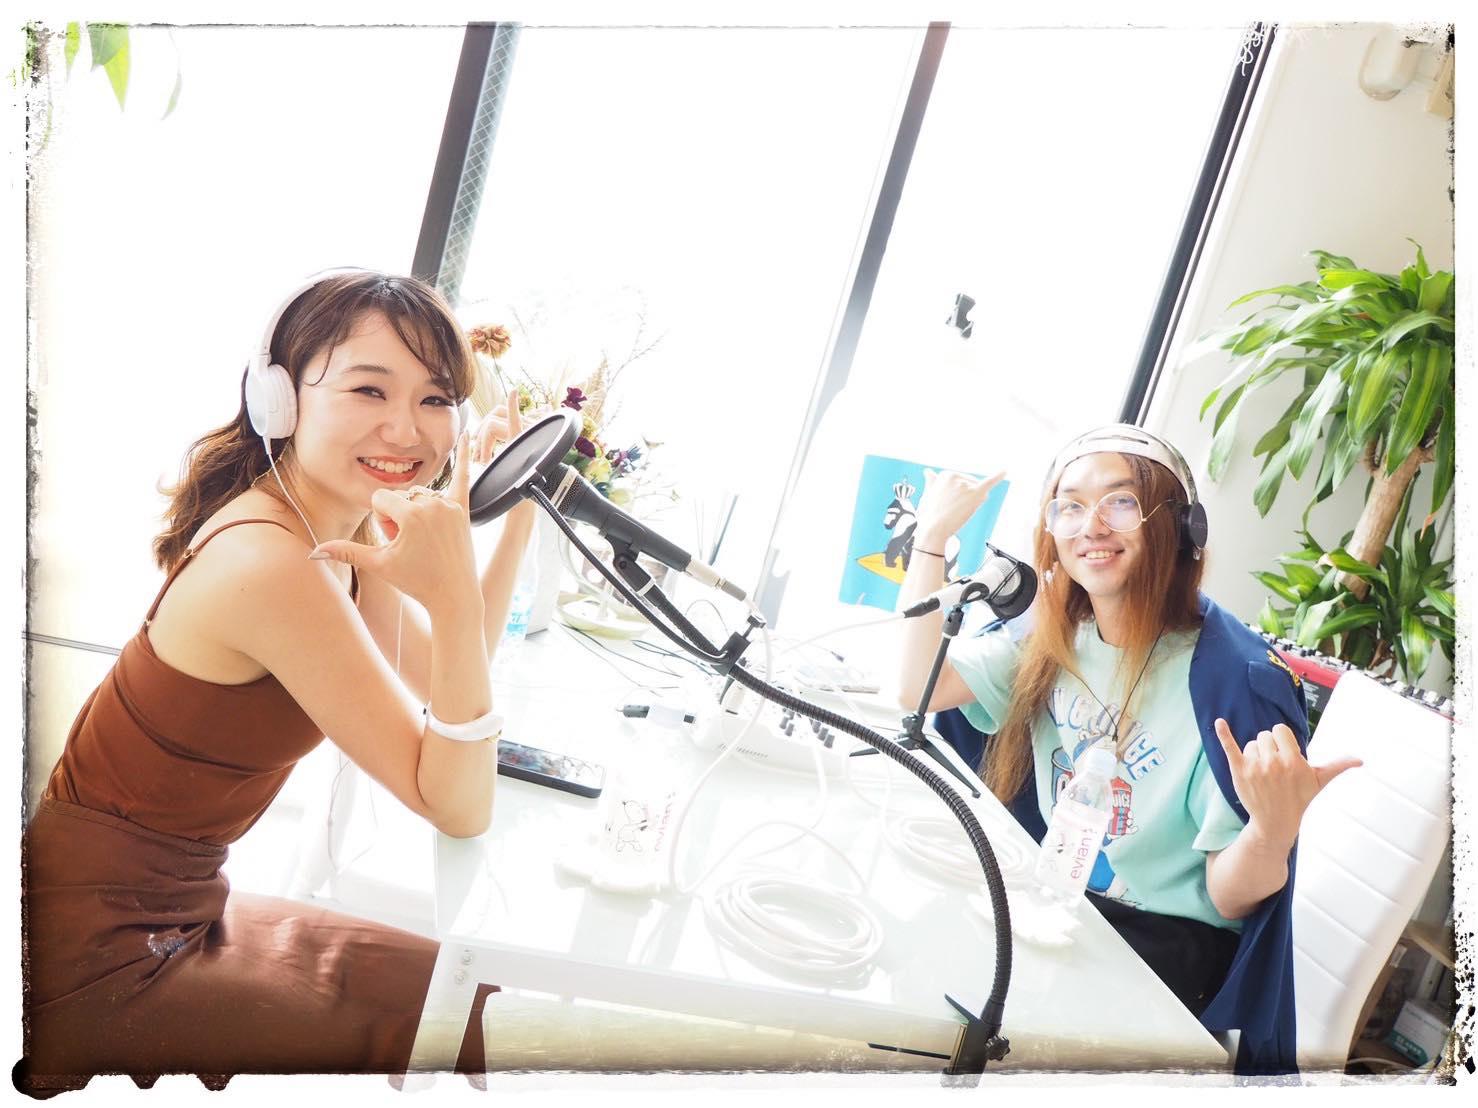 【あつ海RADIO】#6 キング=レオ / bianca「MV撮影を終えて」